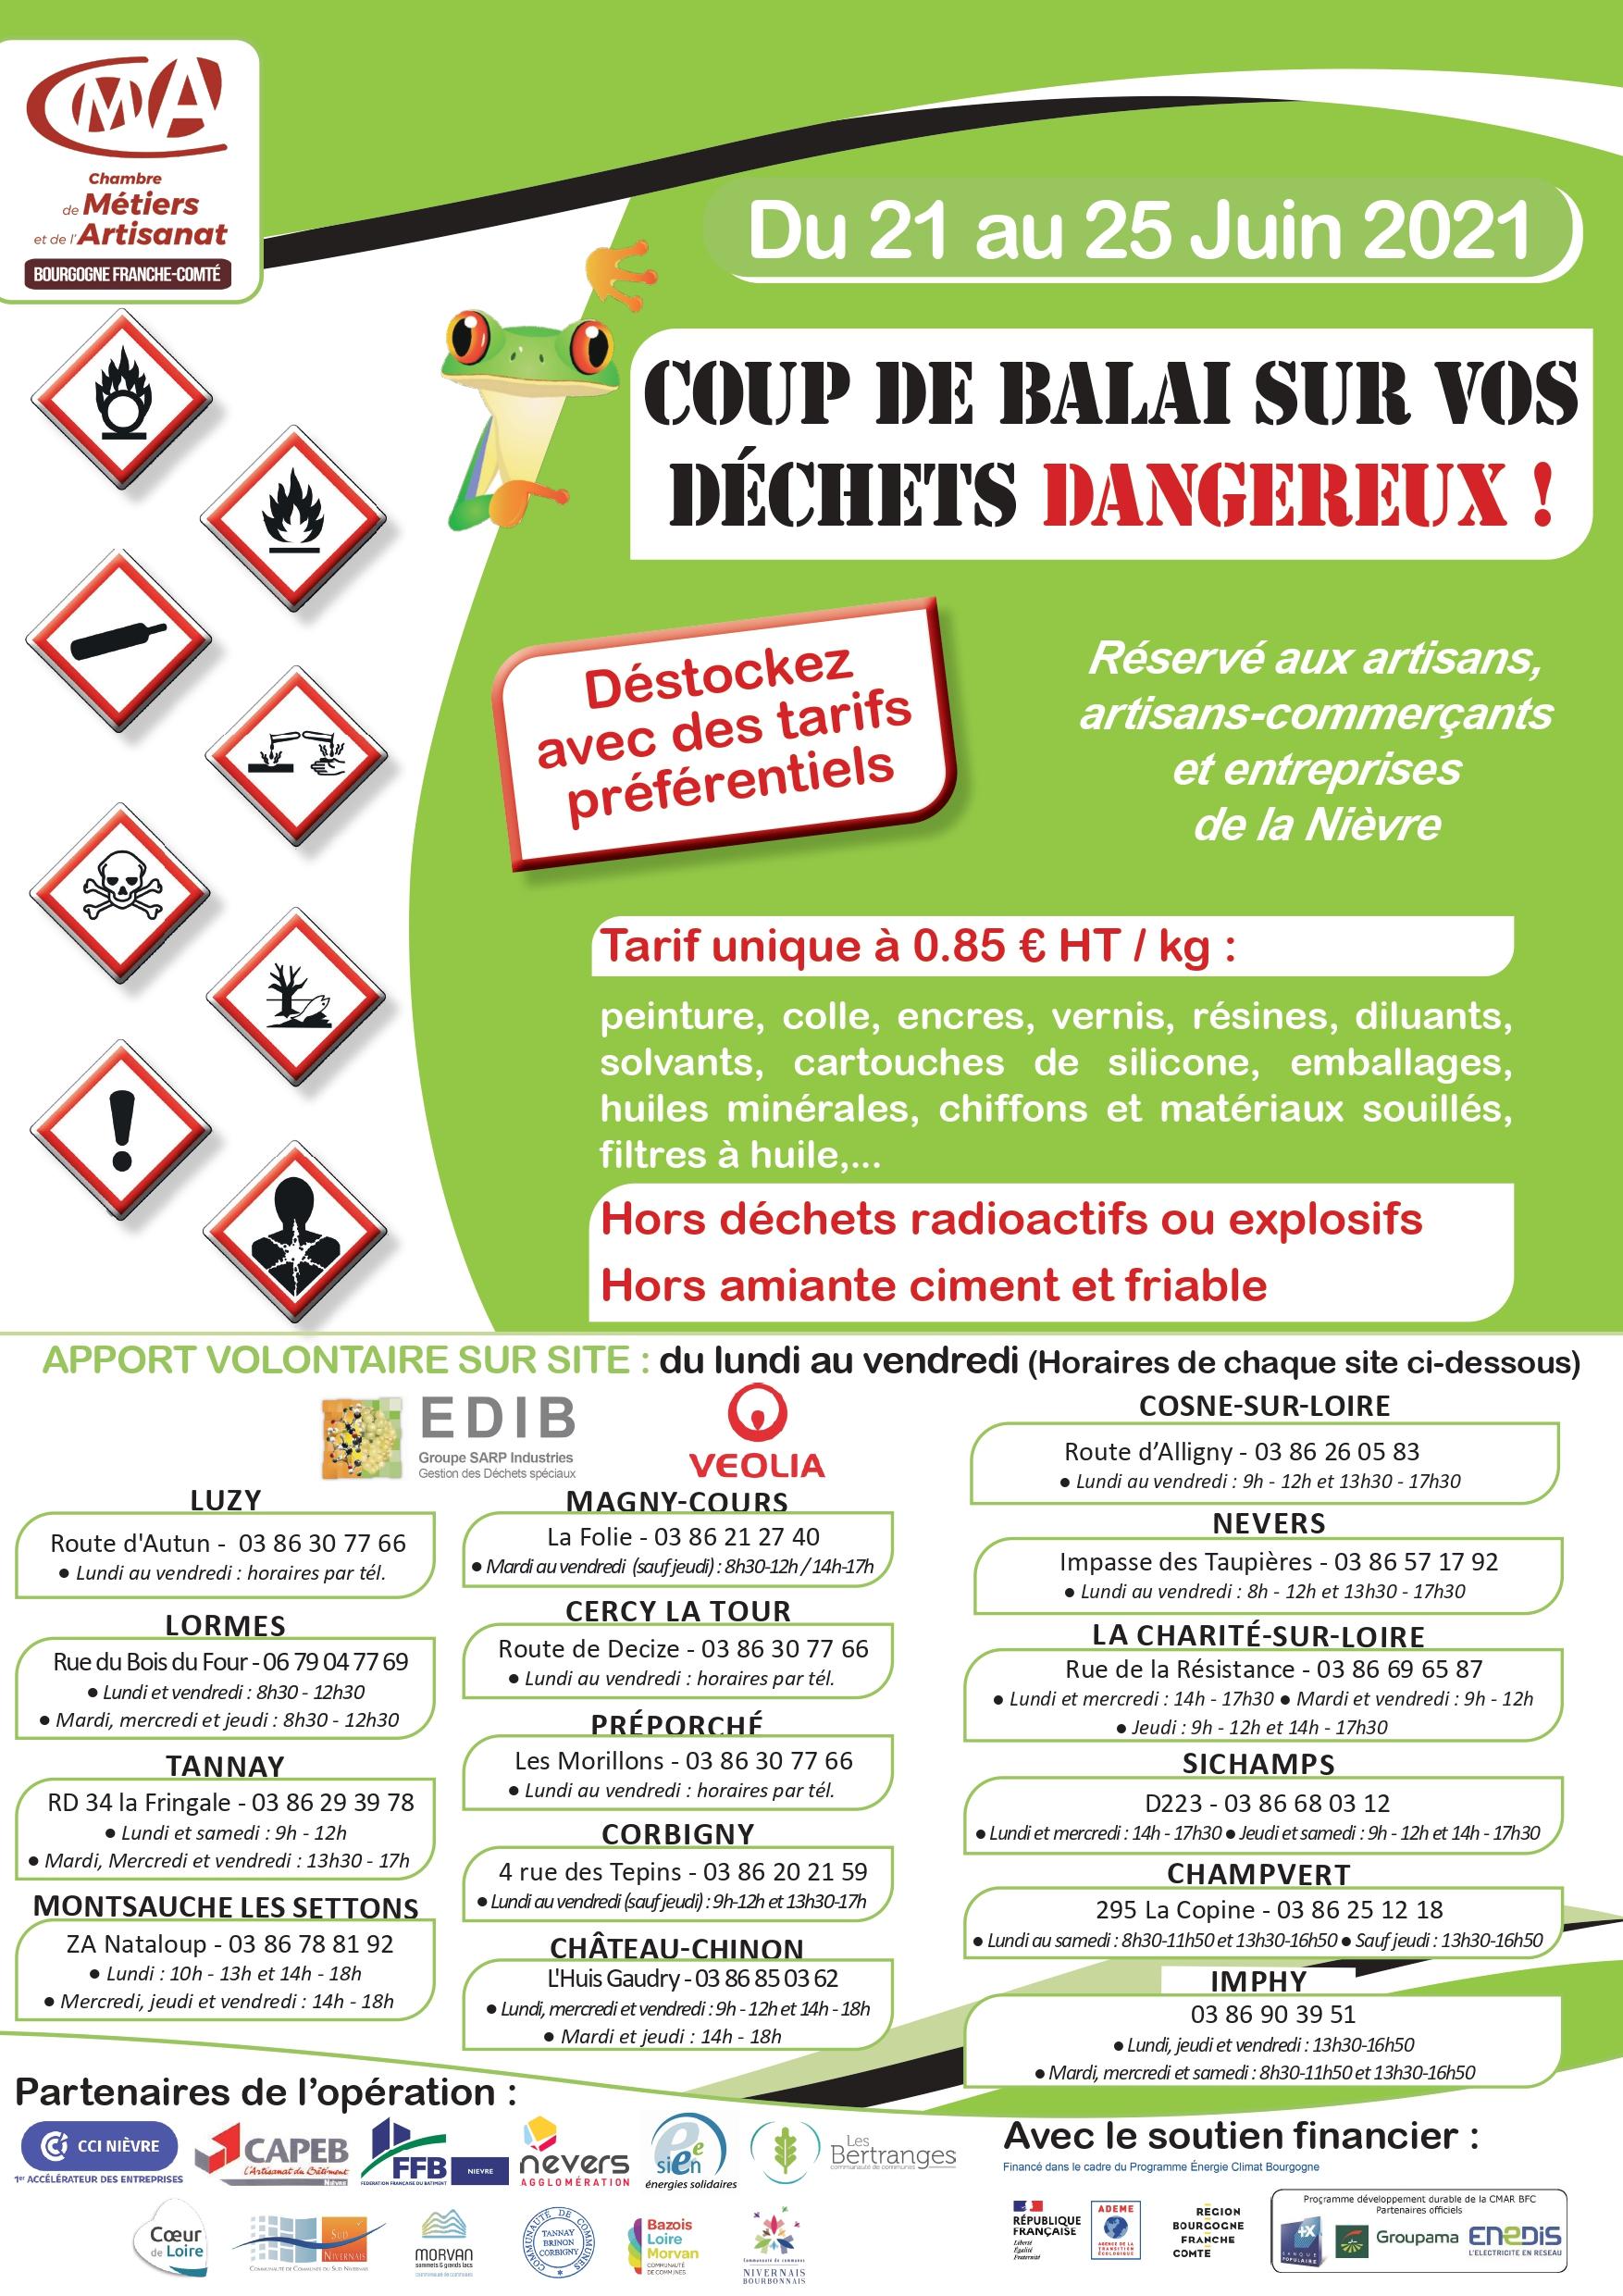 Opération Coup de Balais sur les Déchets Dangereux !